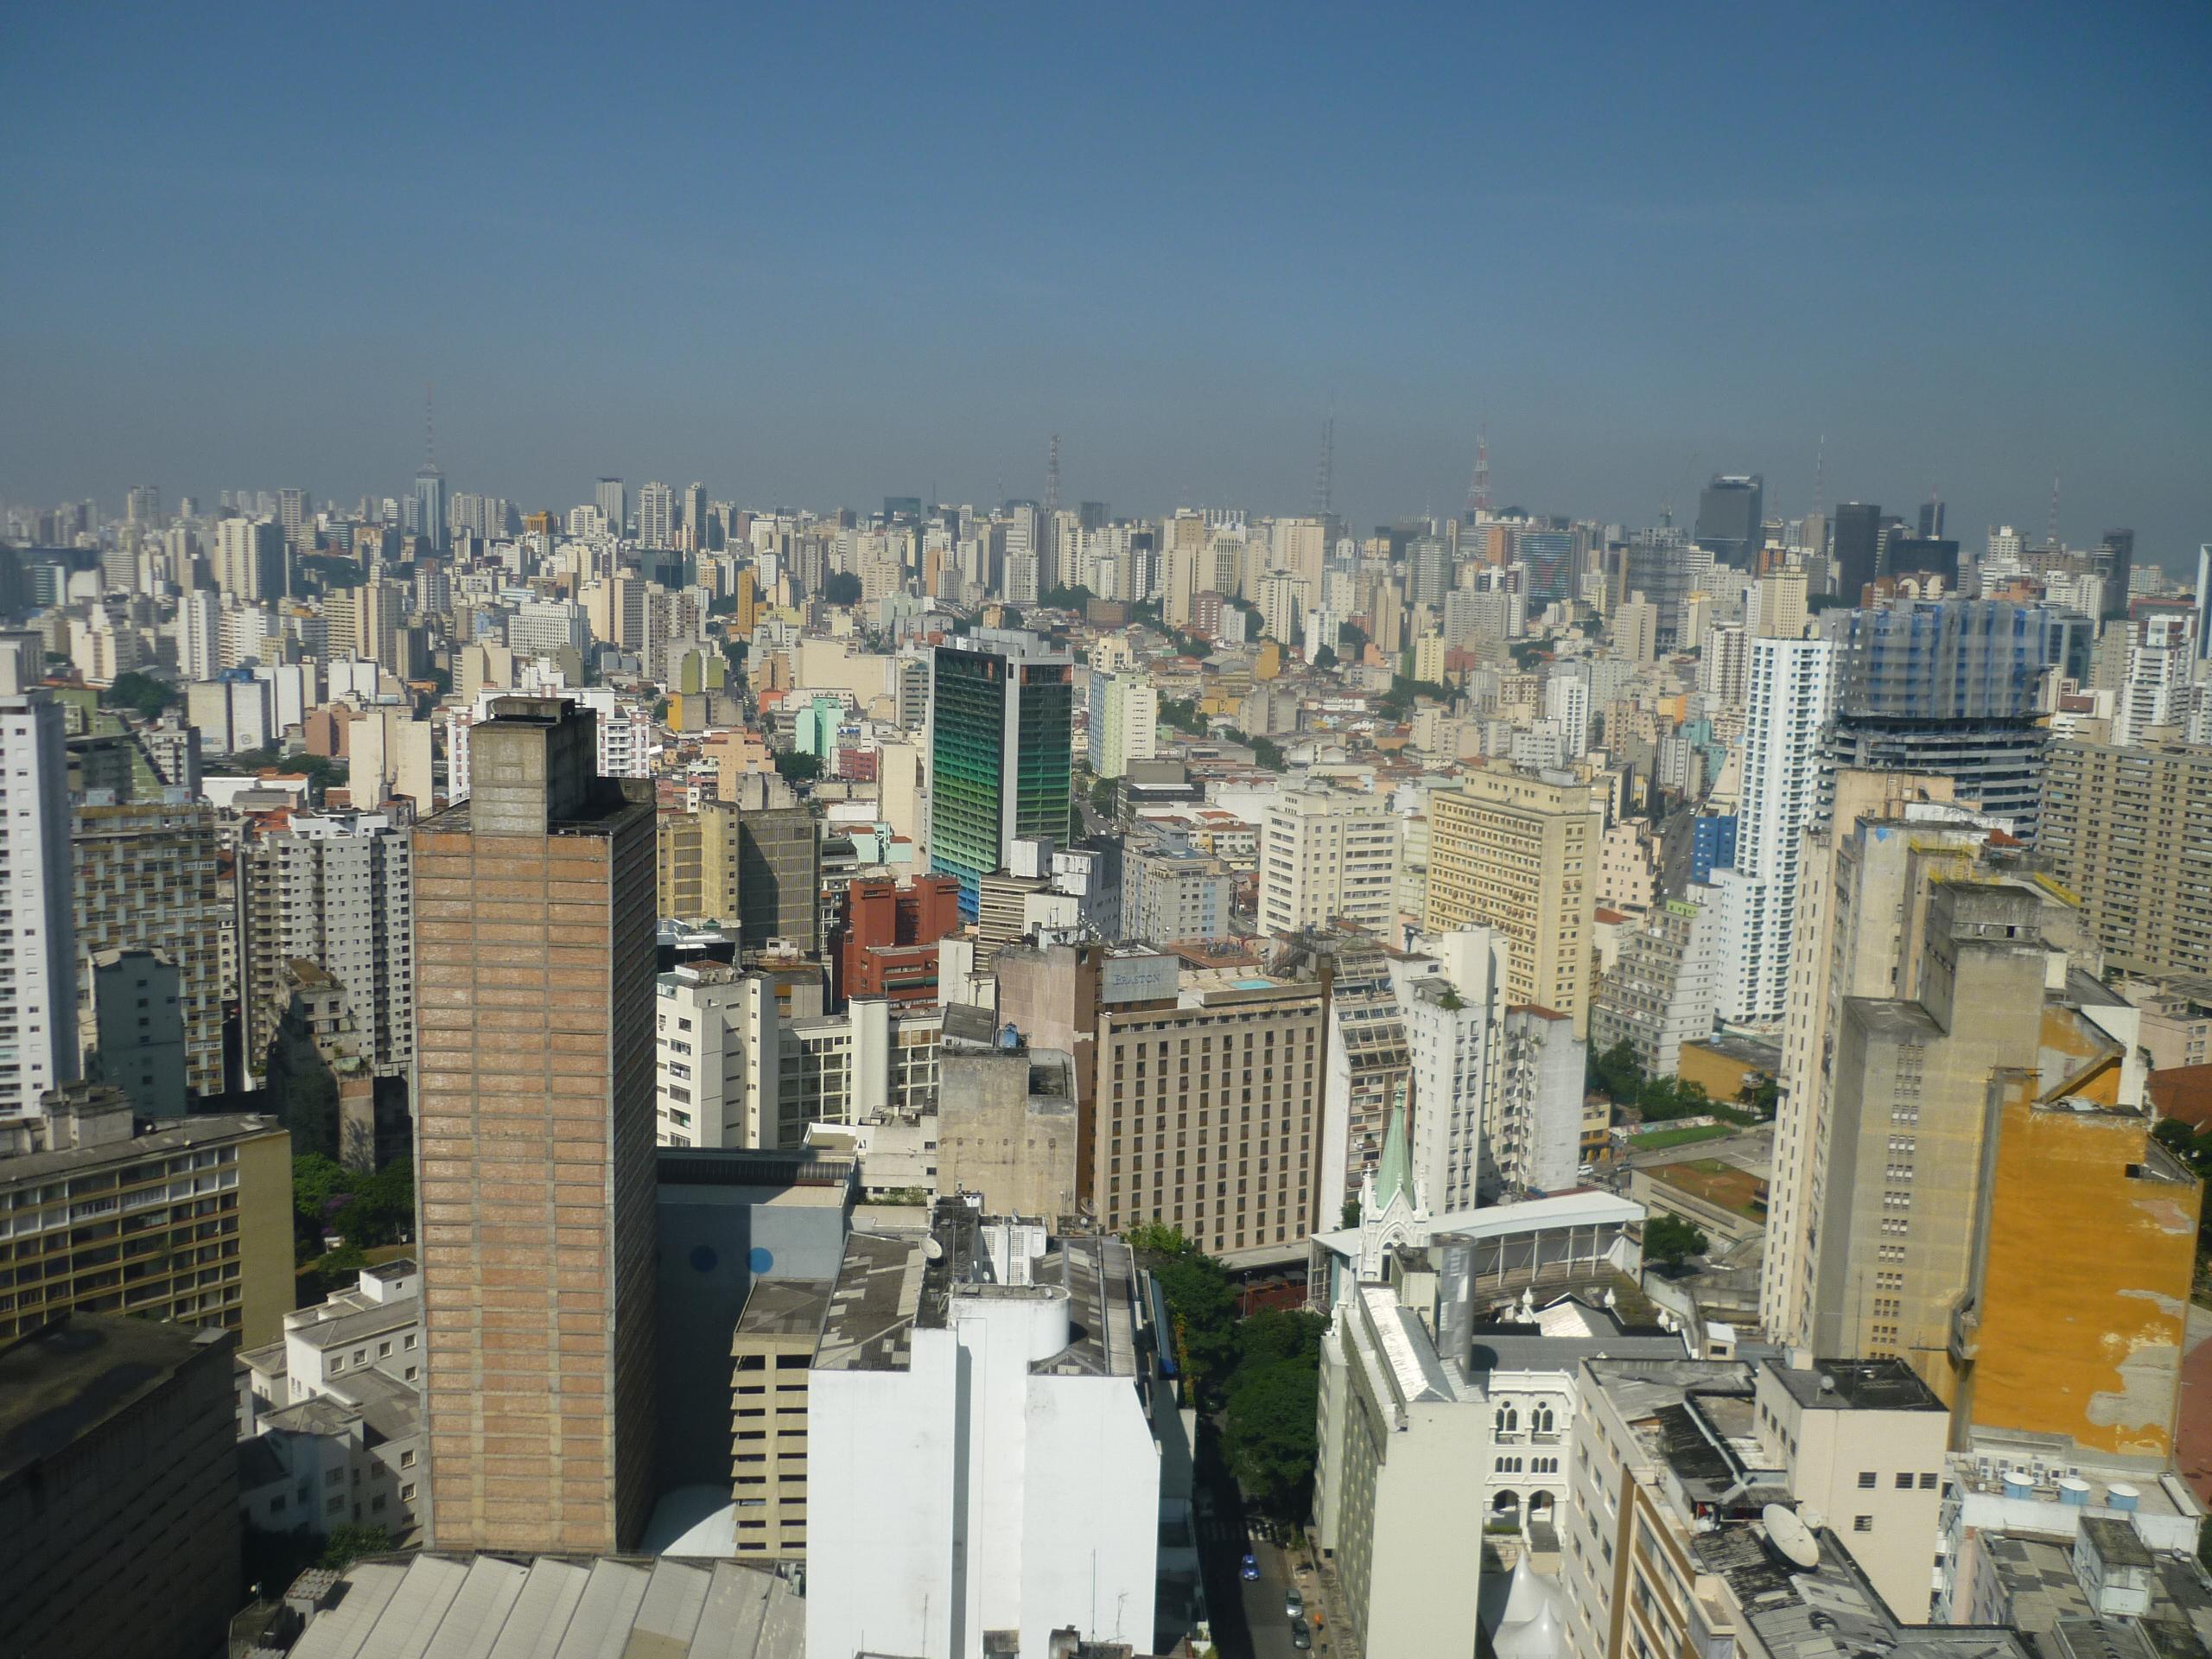 Curso de Arquitetura e Urbanismo realiza viagem de estudos a São Paulo